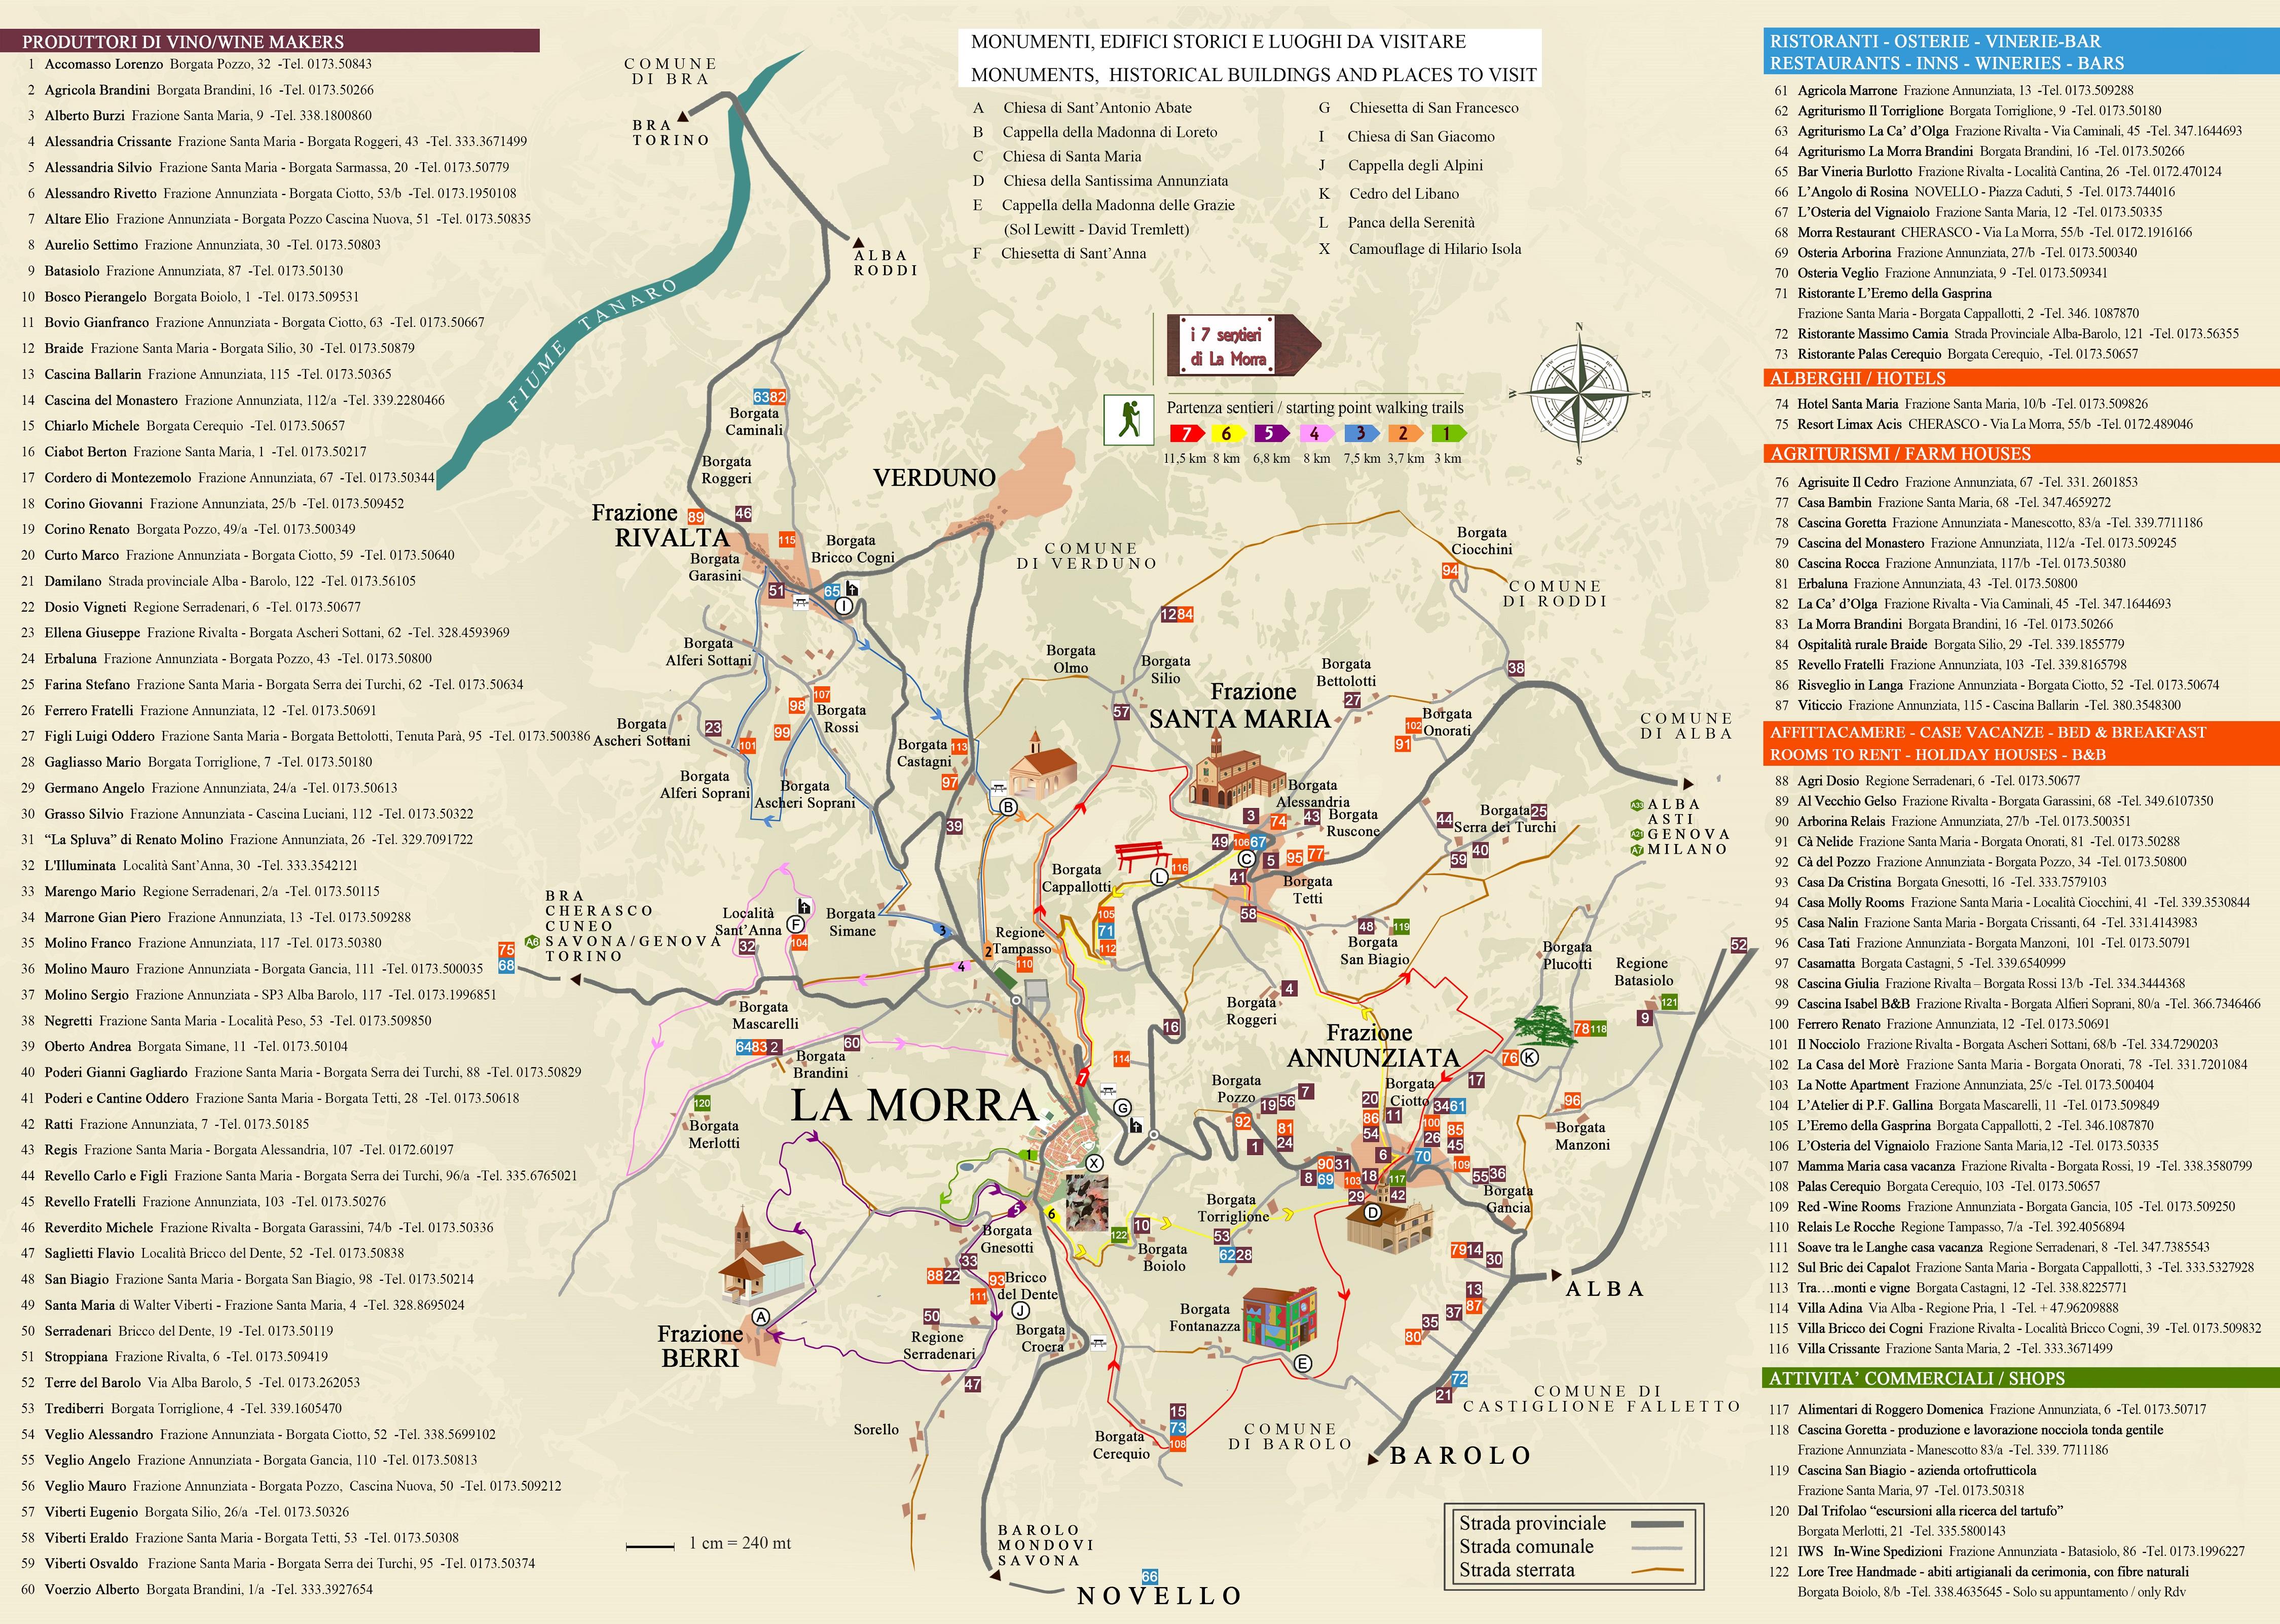 mappa-ufficiale-la-morra-2019-retro-copia